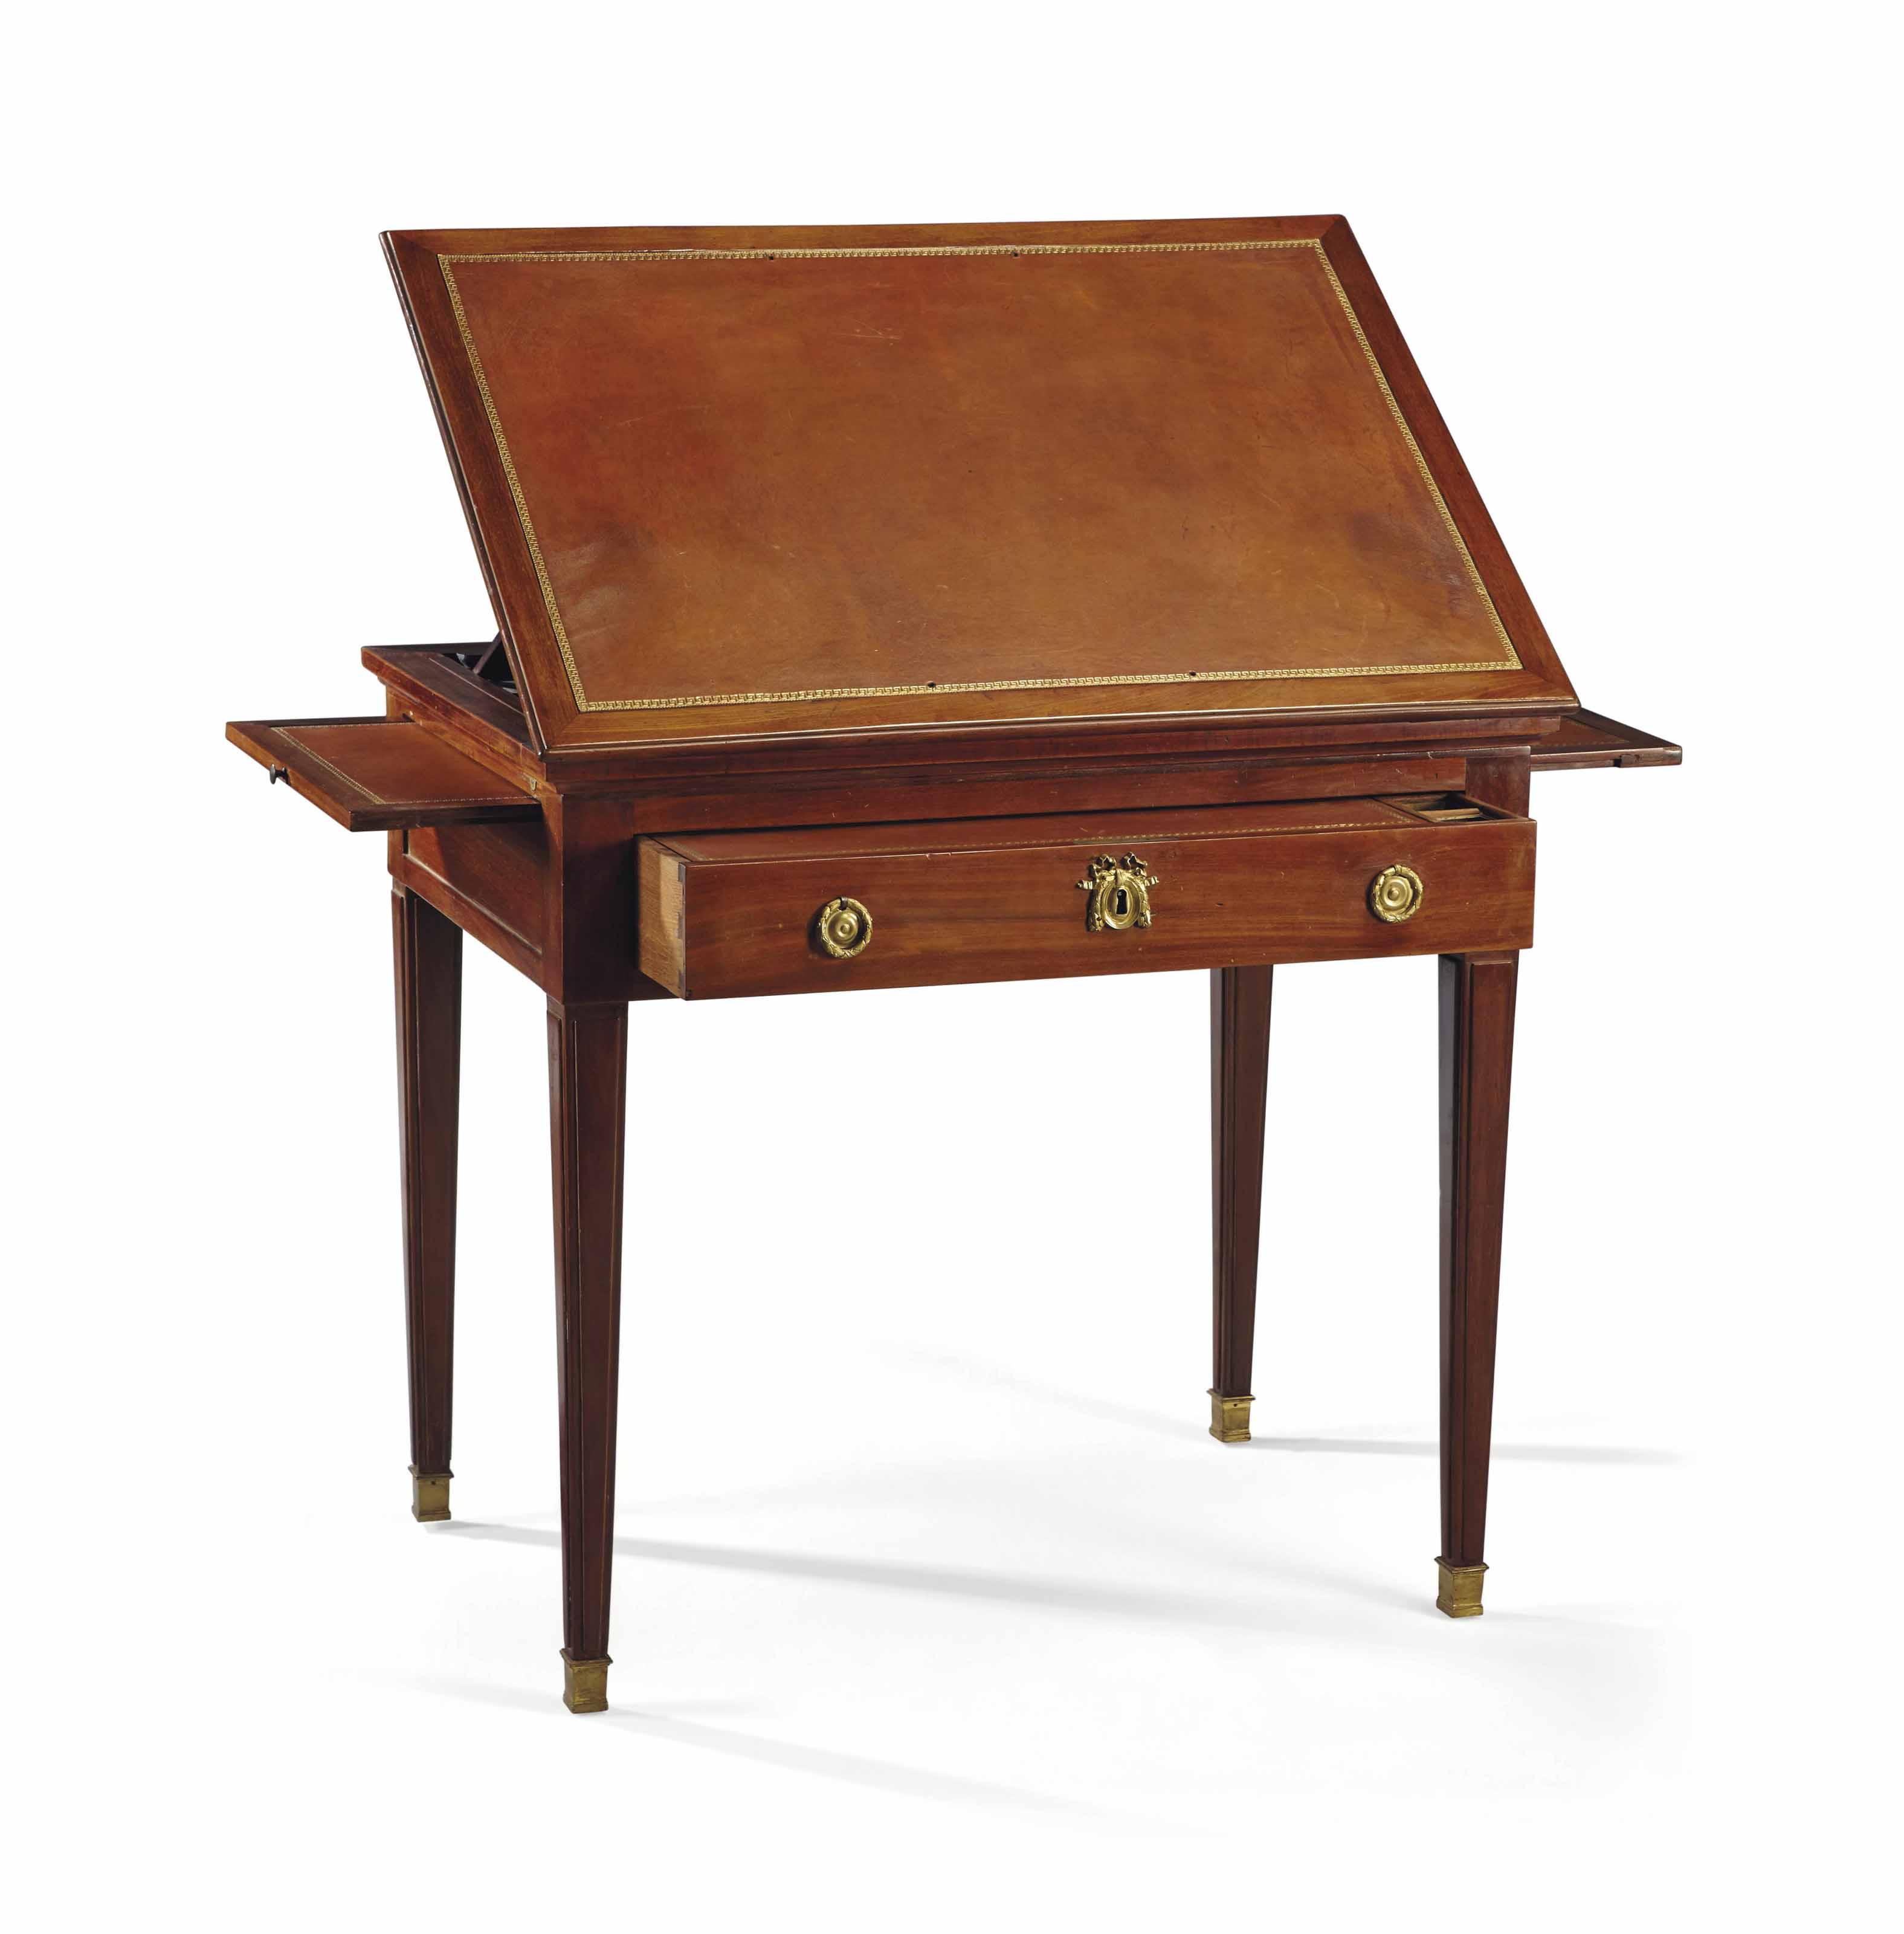 TABLE D'ARCHITECTE D'EPOQUE LOUIS XVI